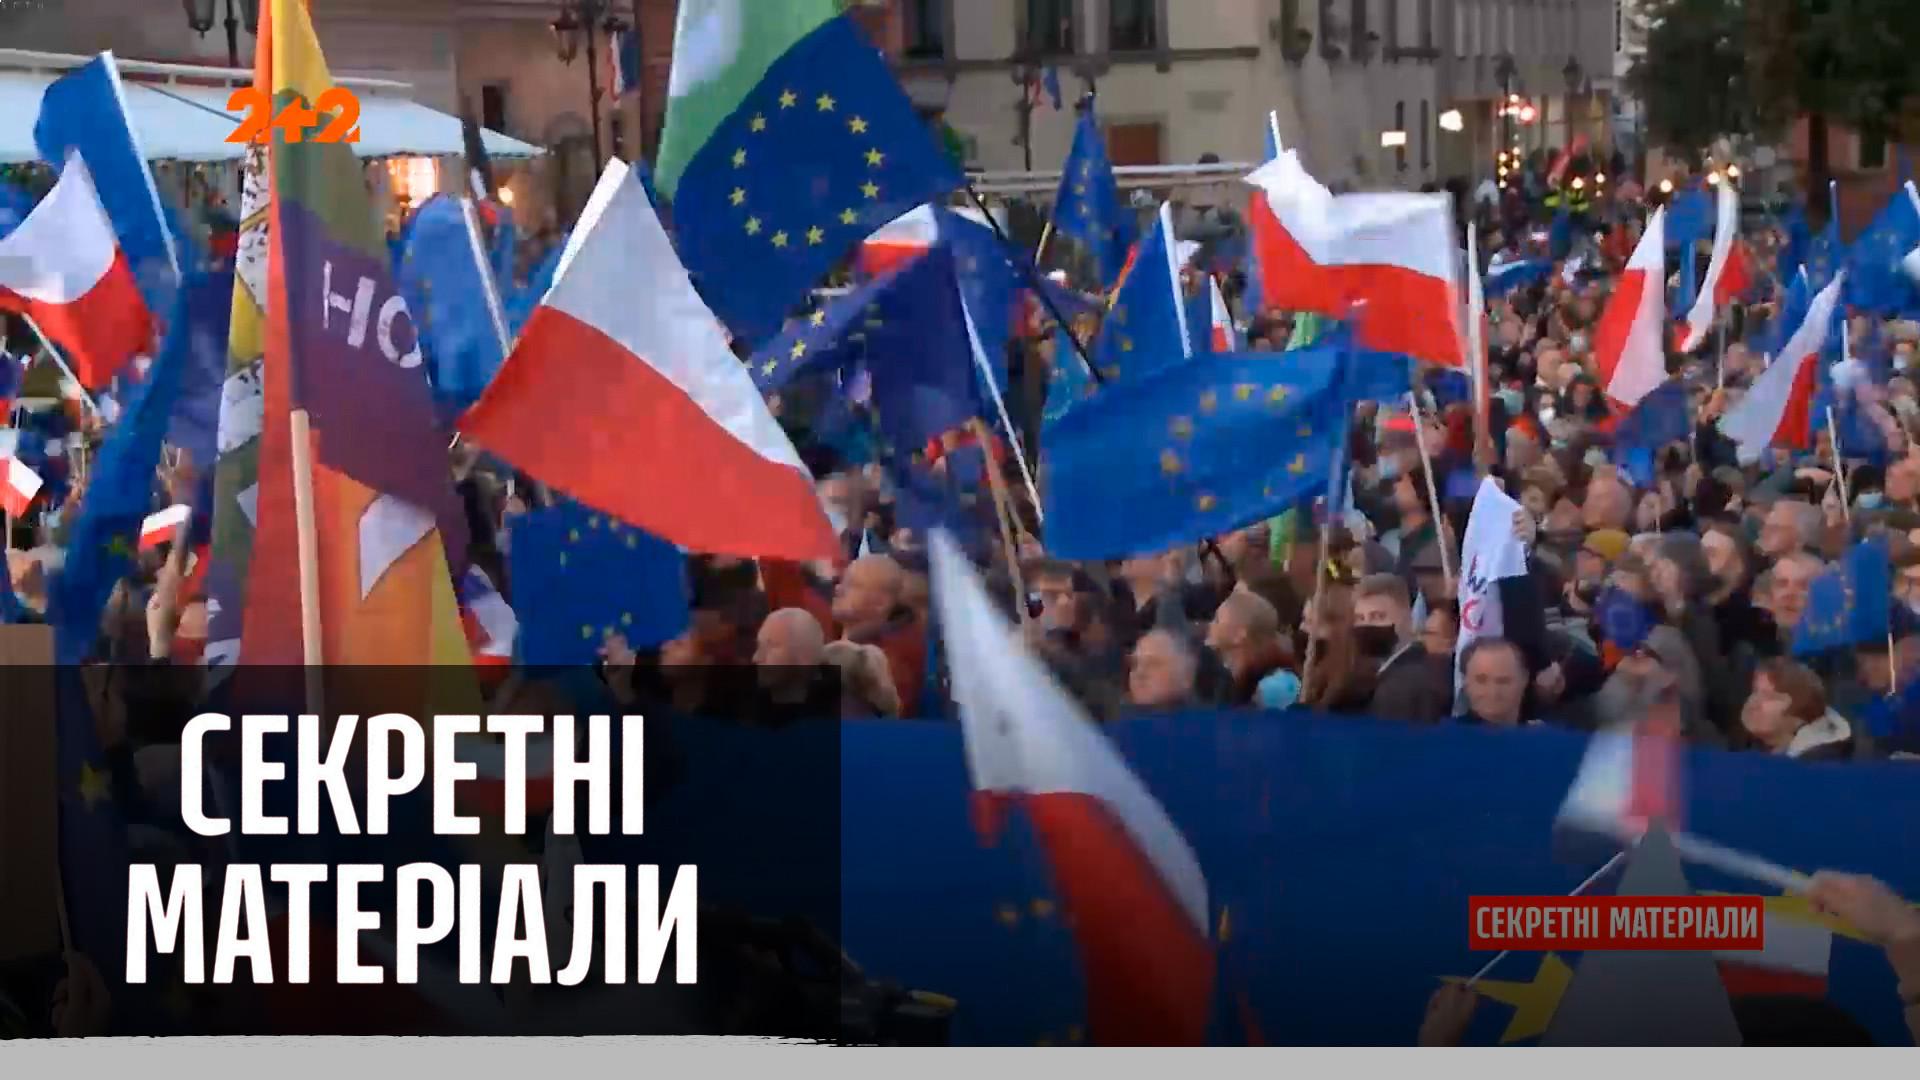 Польща може покинути Європейський Союз – Секретні матеріали